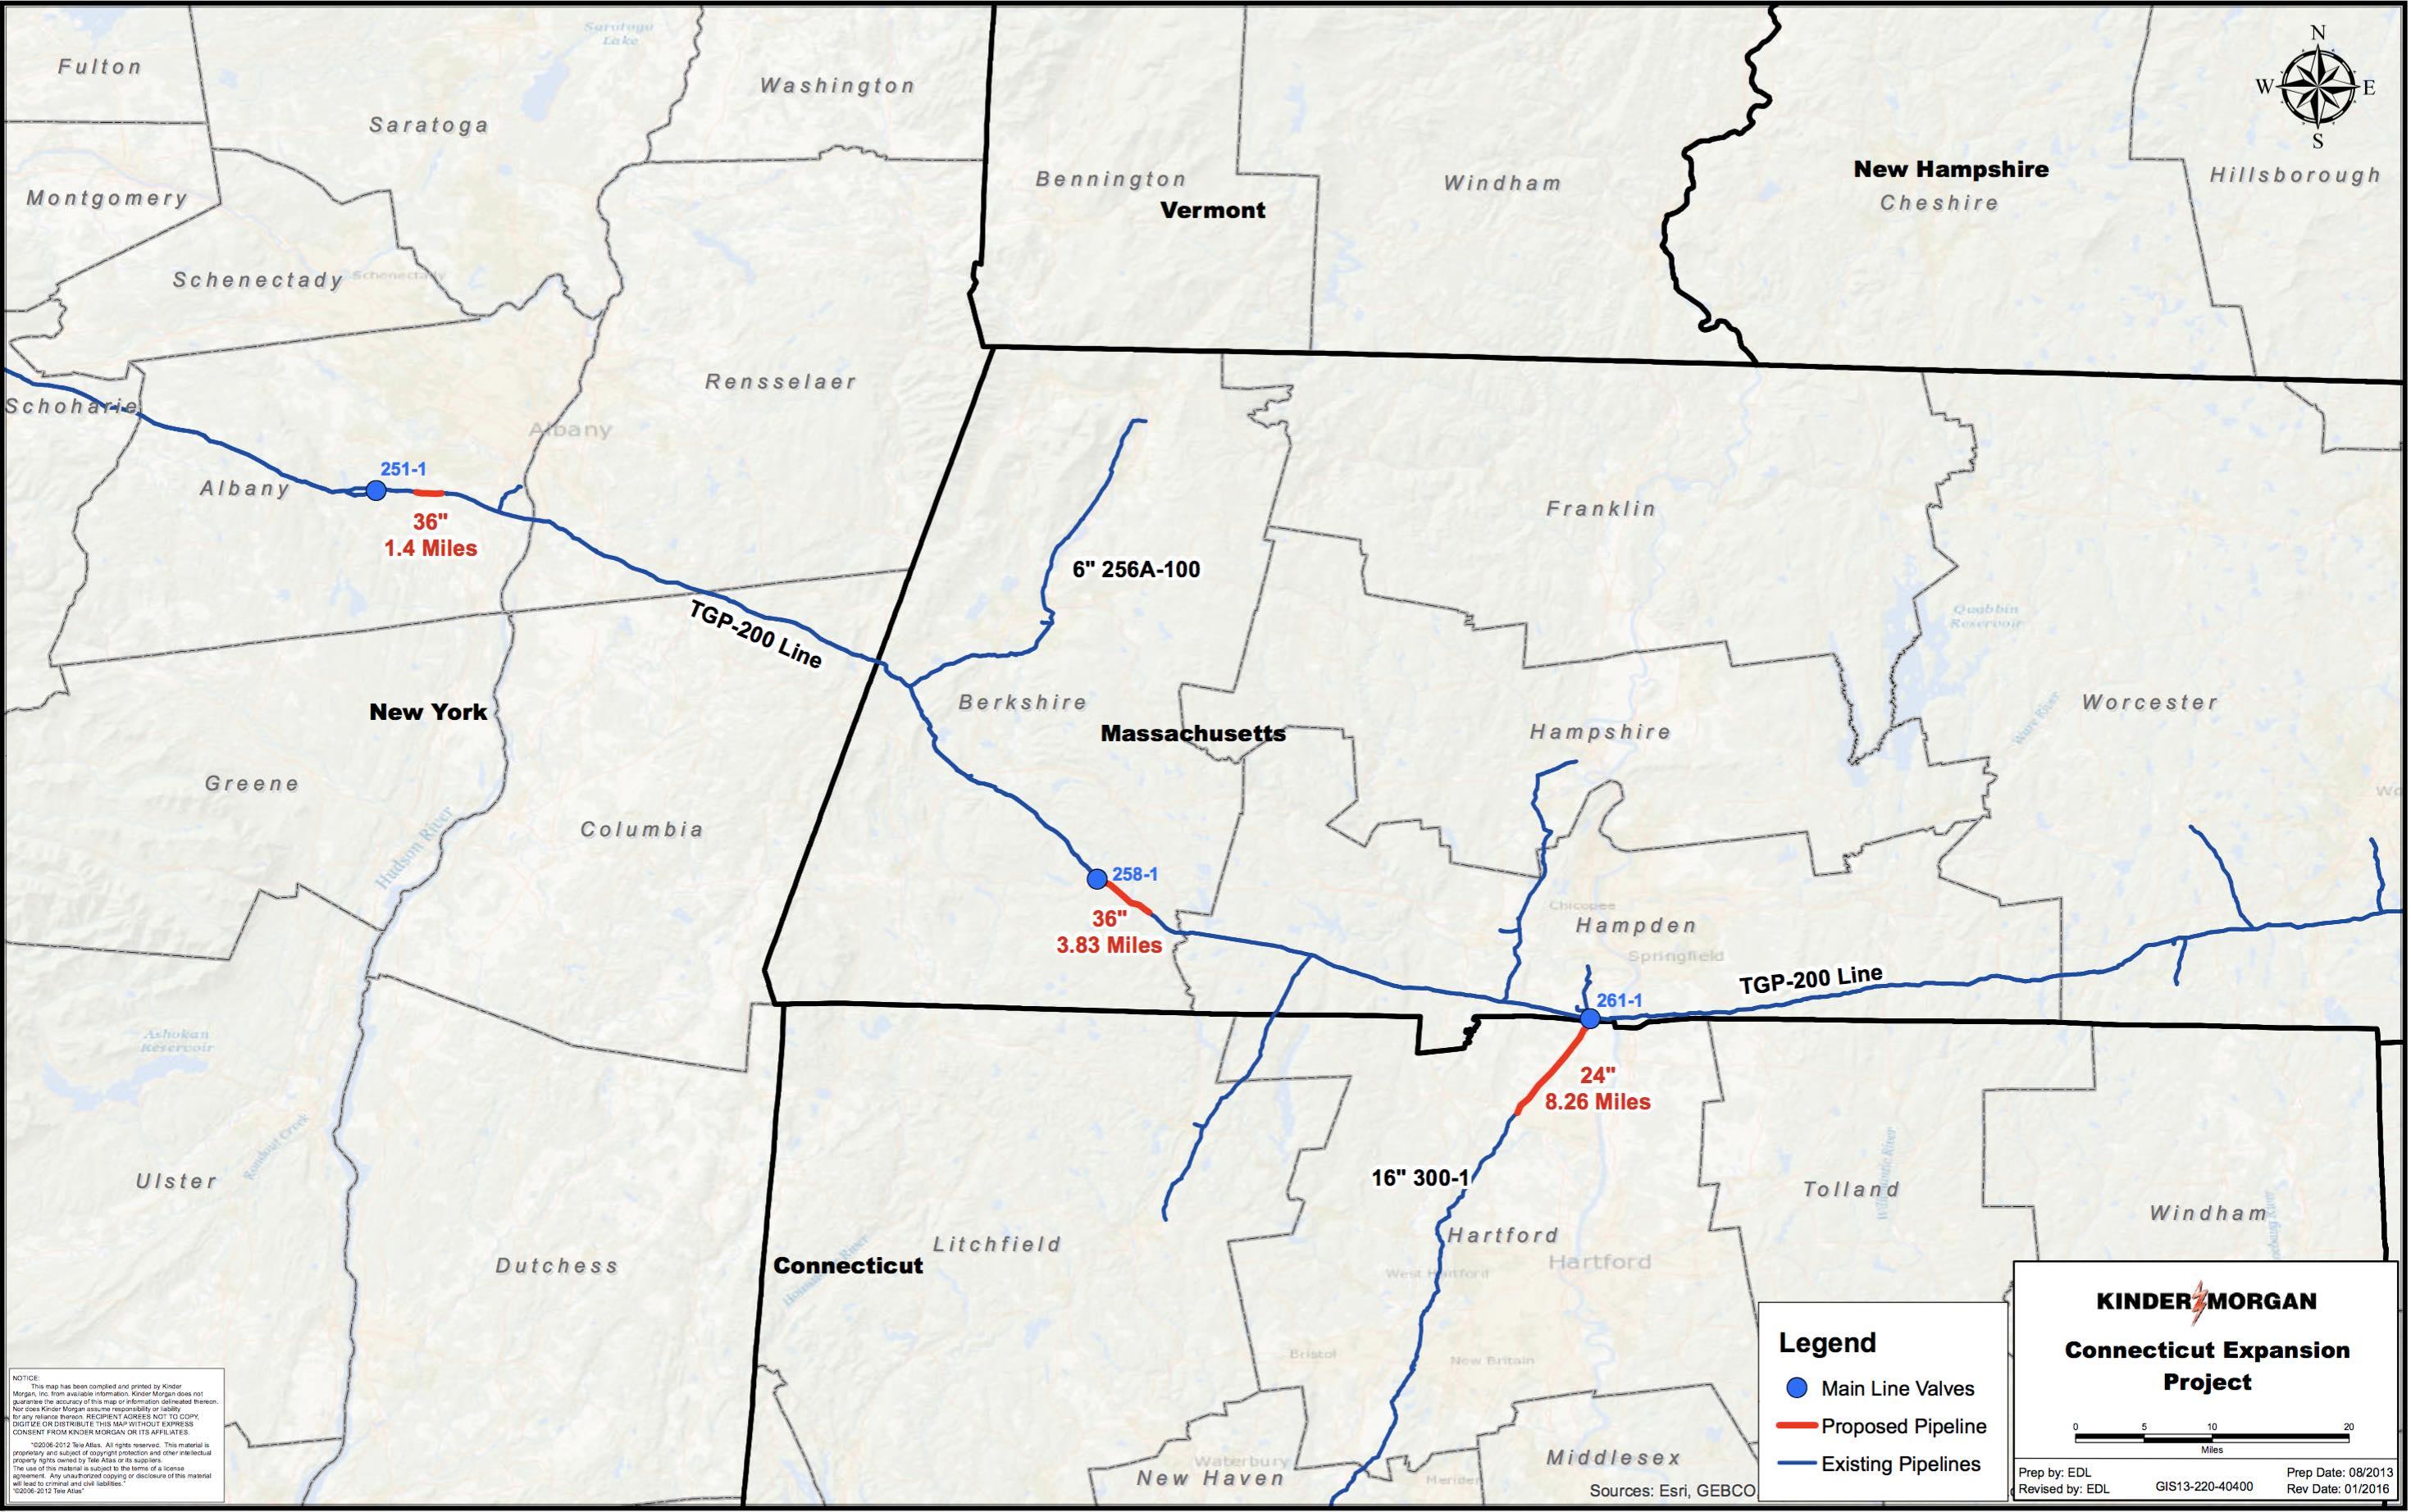 Connecticut Expansion Project map